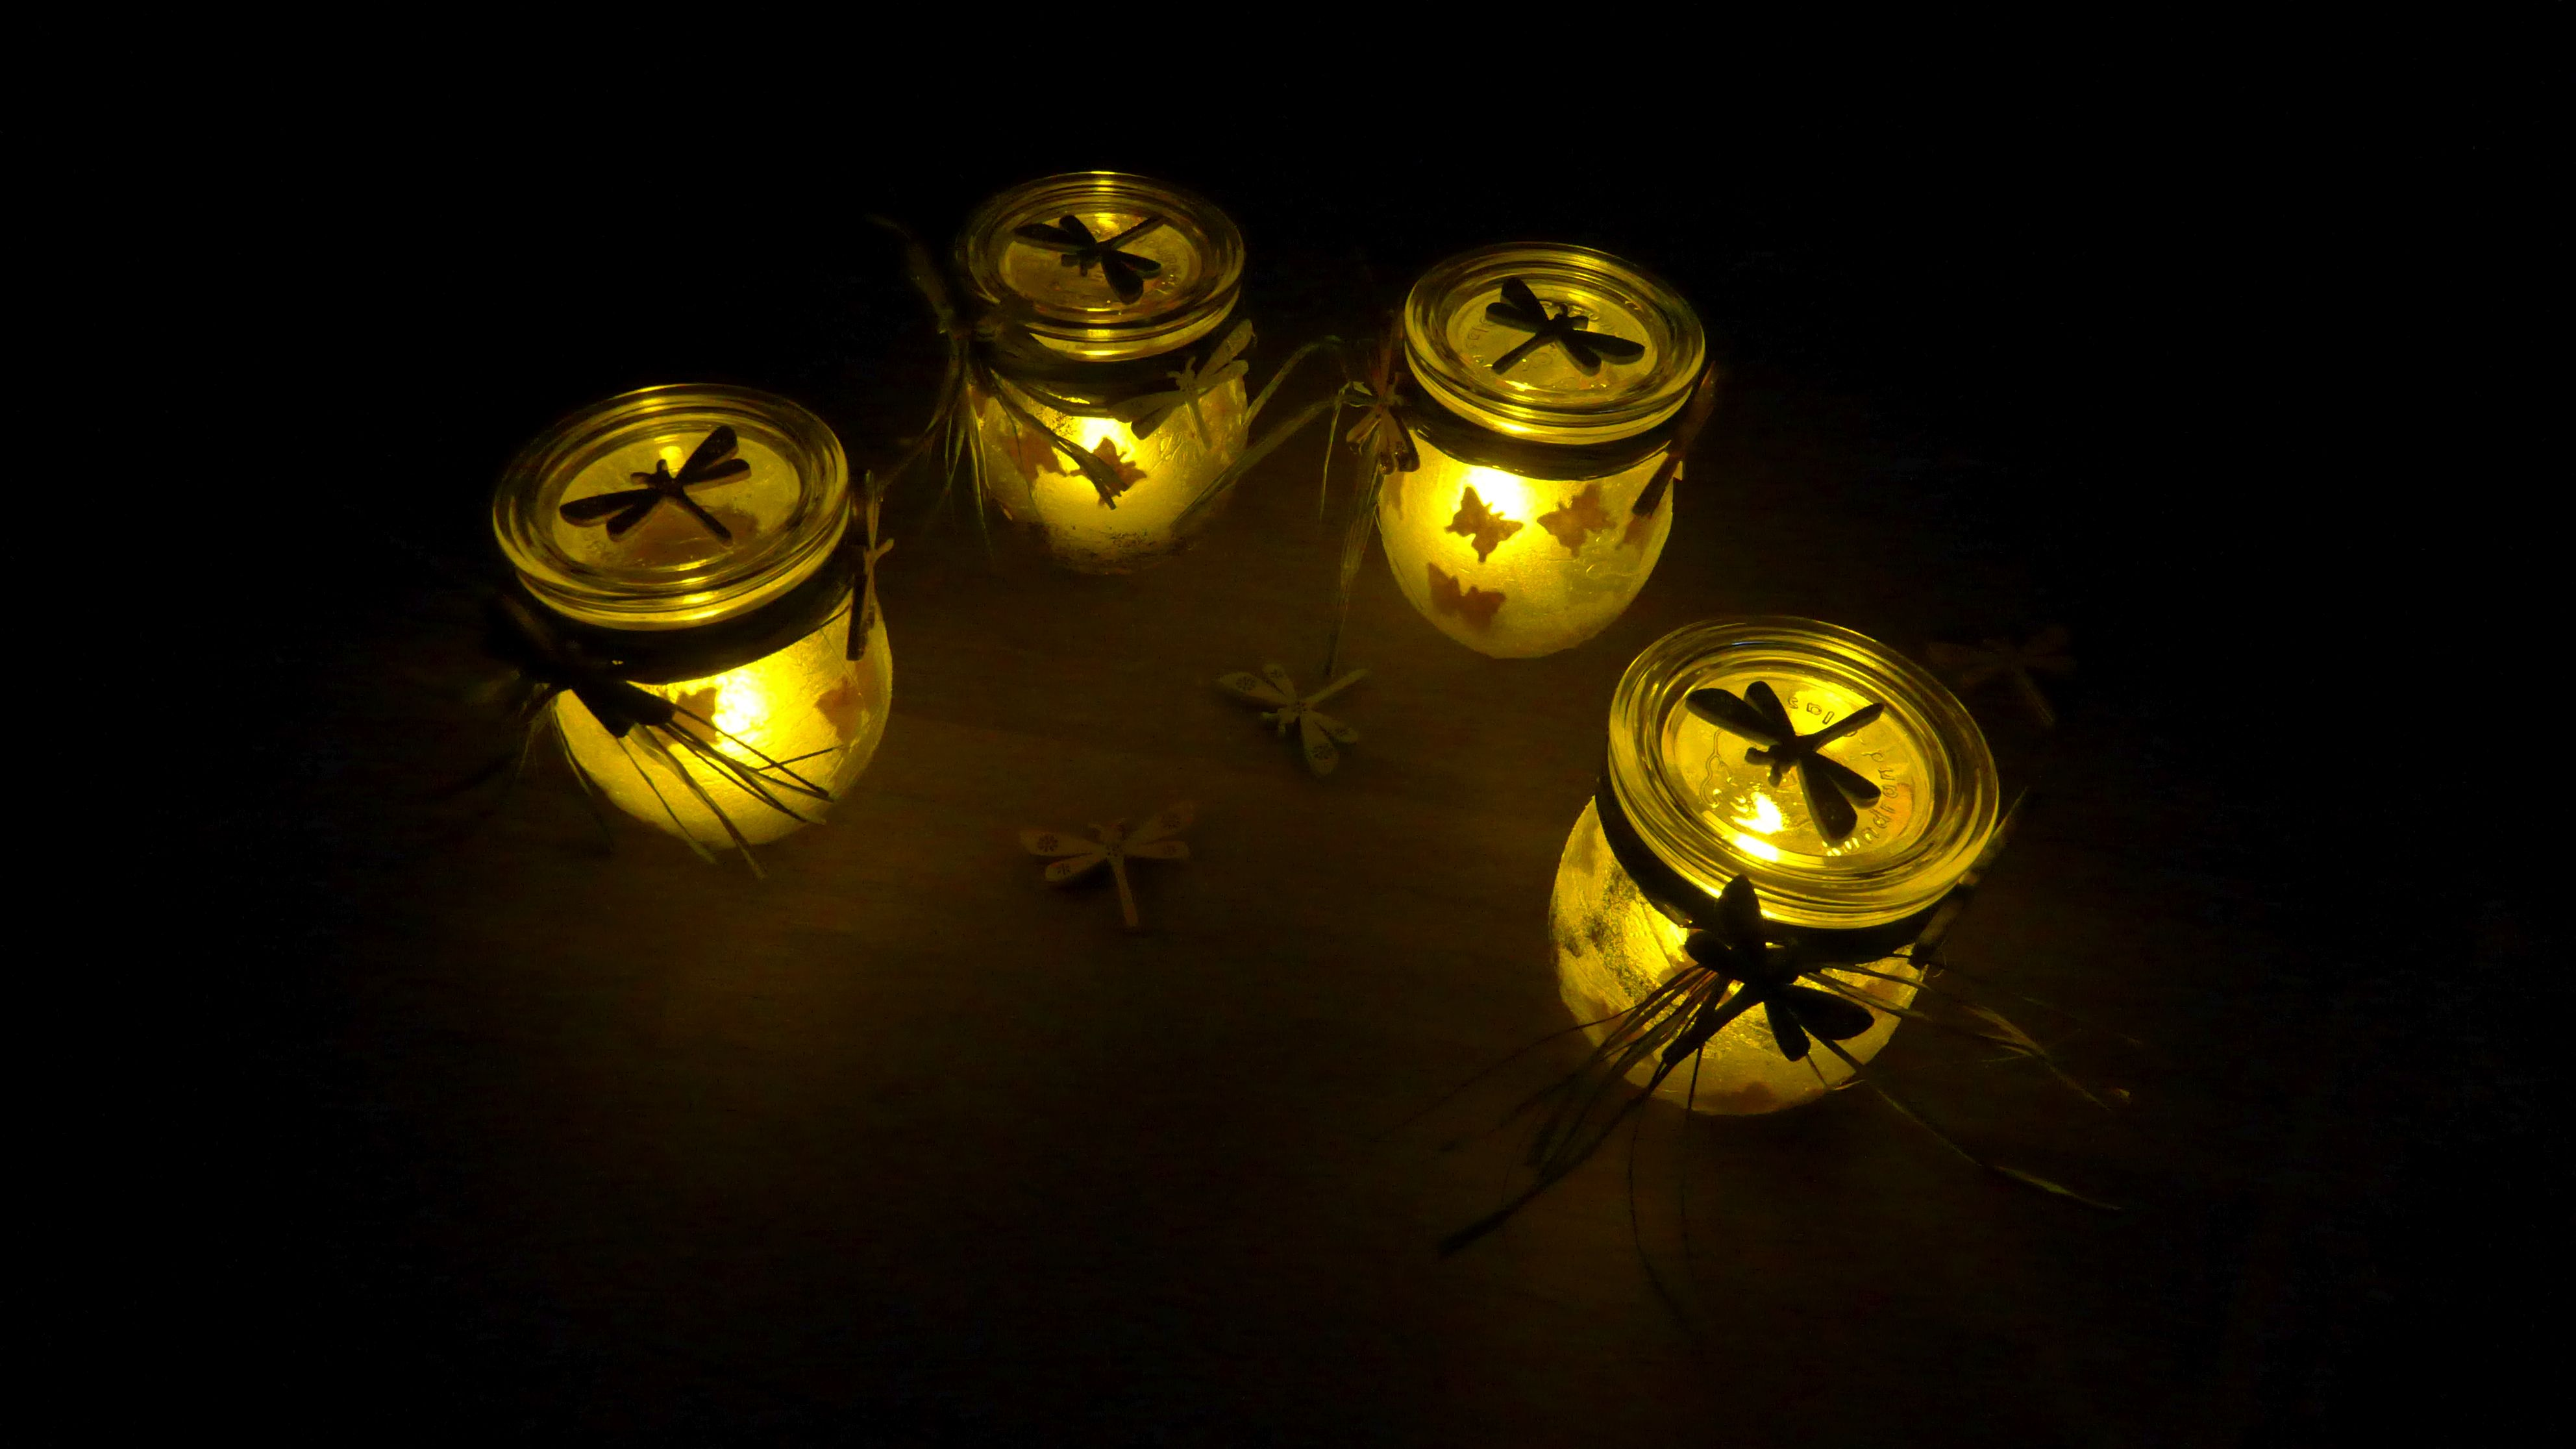 Schmetterling, Teelicht, Gartenlicht, Windlicht, Servierttentechnik